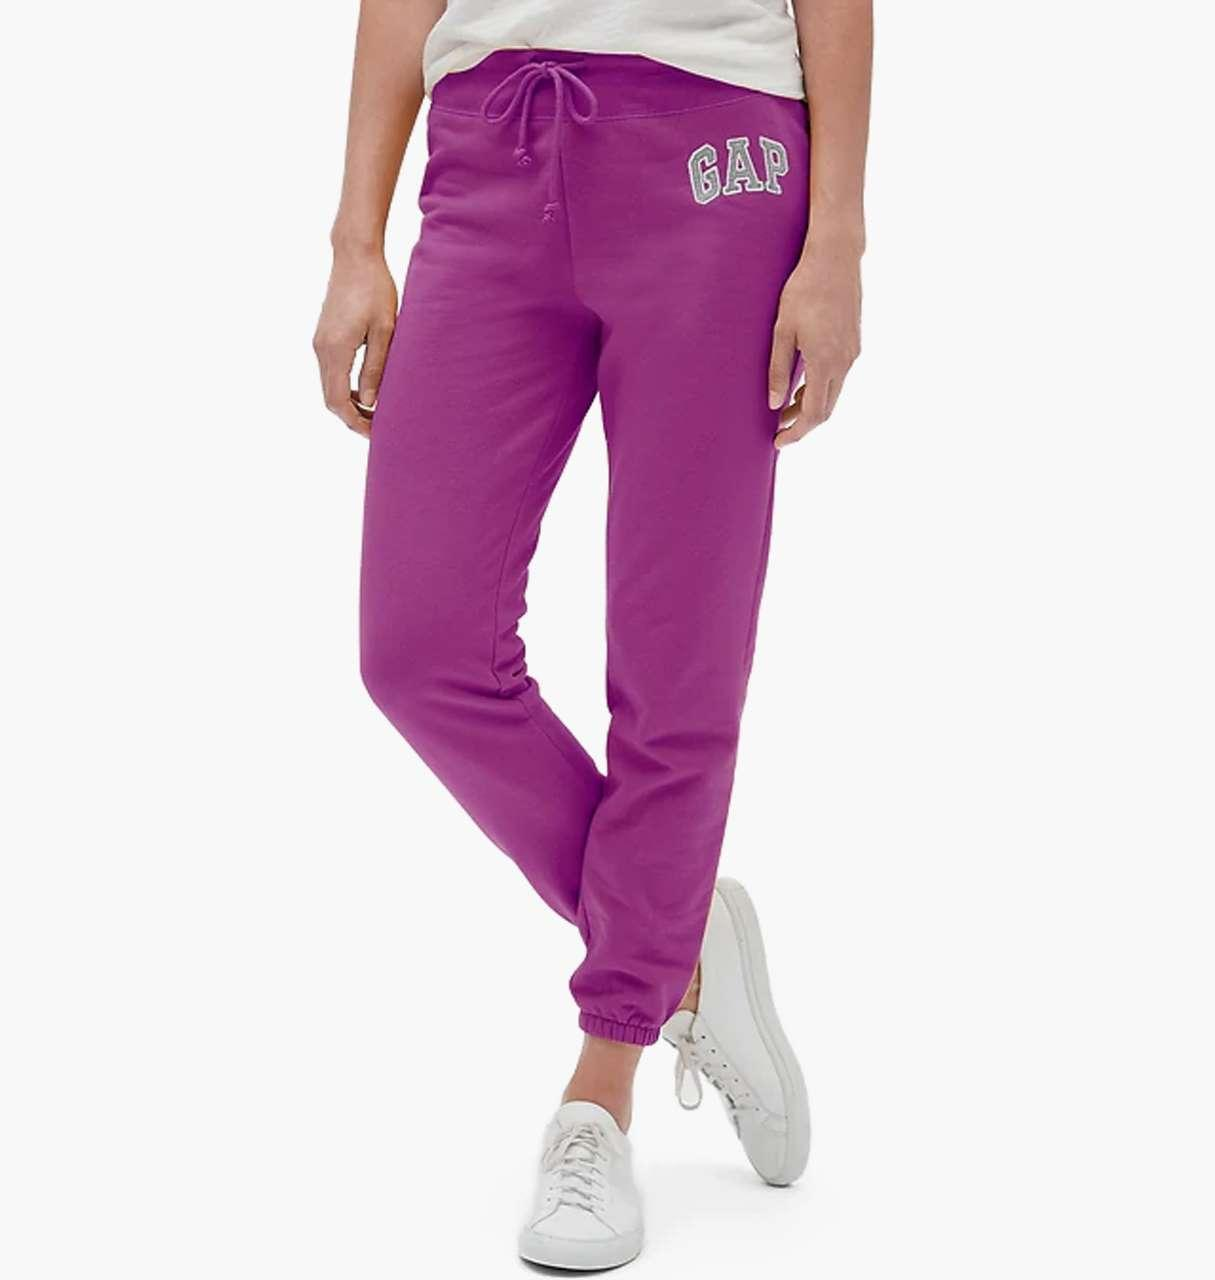 Женские джоггеры GAP спортивные штаны art590058 (Фиолетовый, размер XXL)